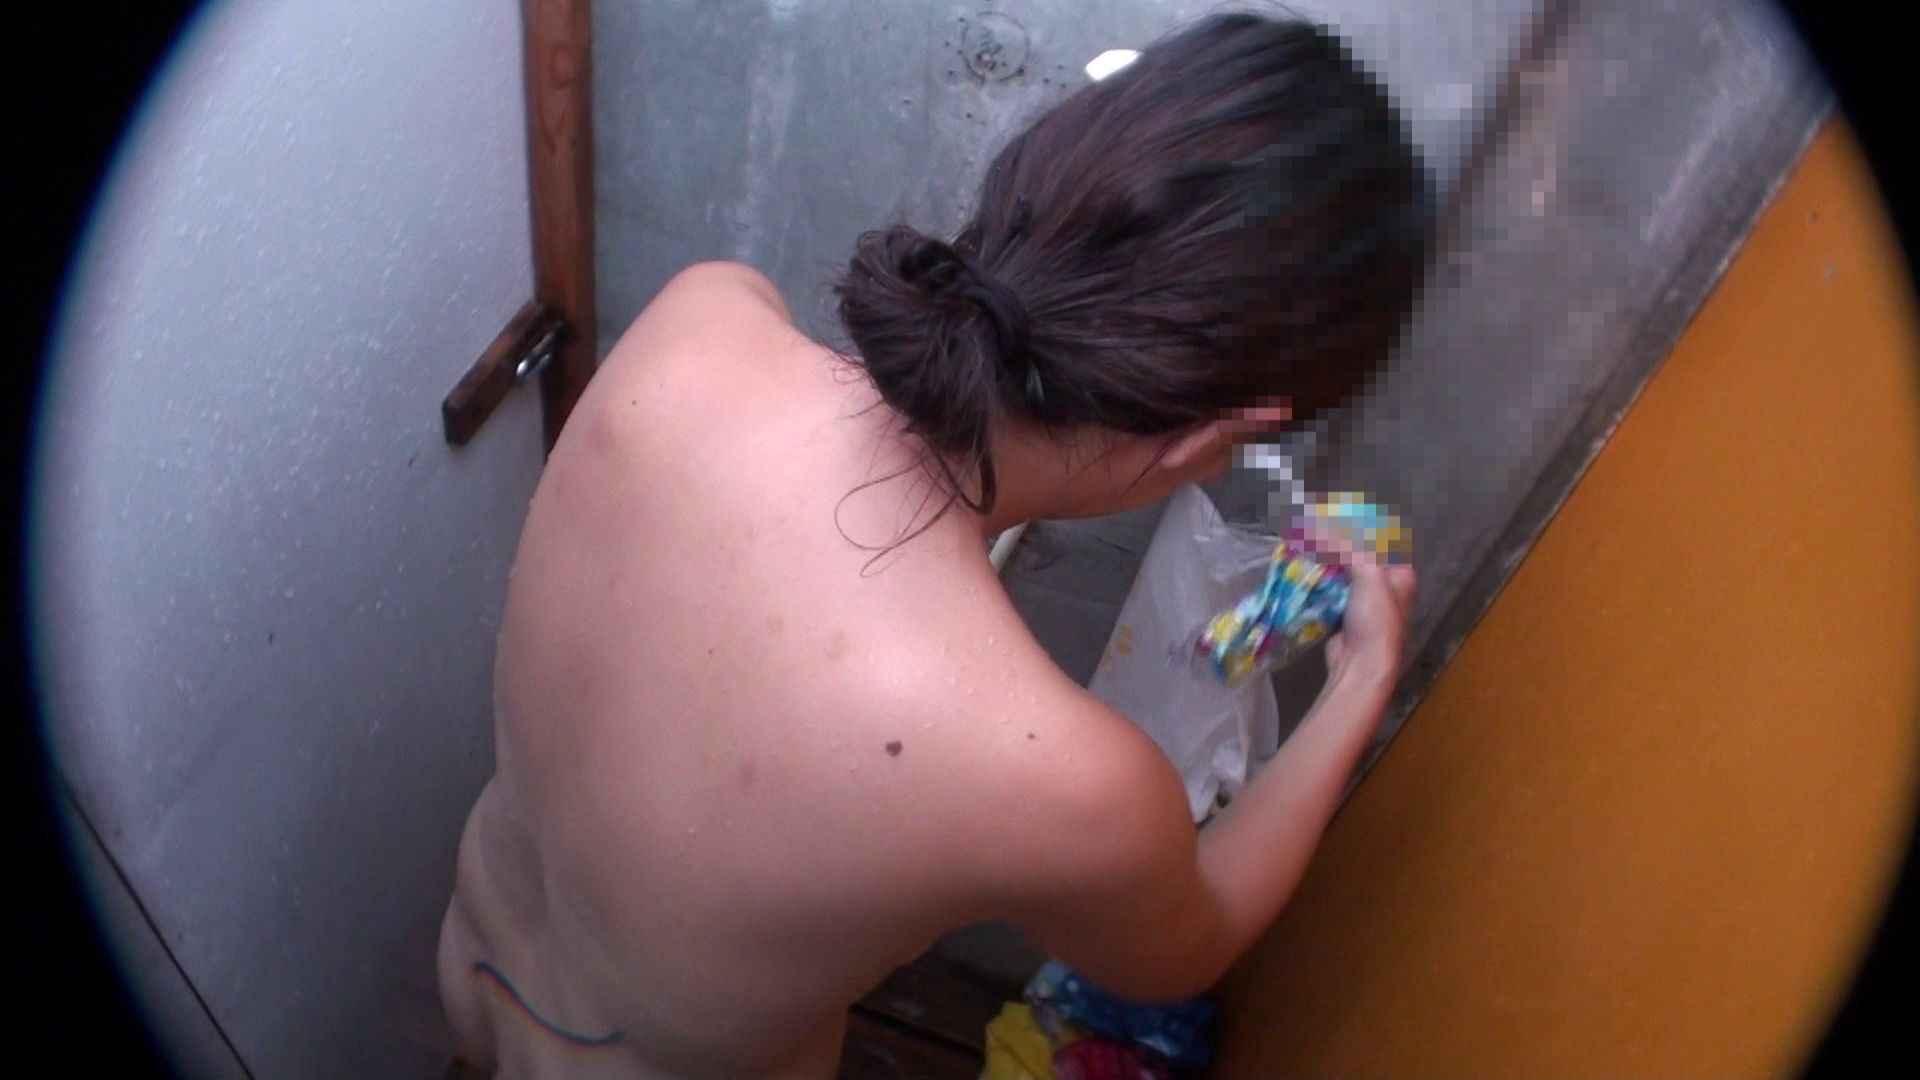 ハイビジョンシャワールームは超!!危険な香りVol.31 清楚なママのパンツはティーバック 脱衣所の着替え   エロティックなOL  103画像 82